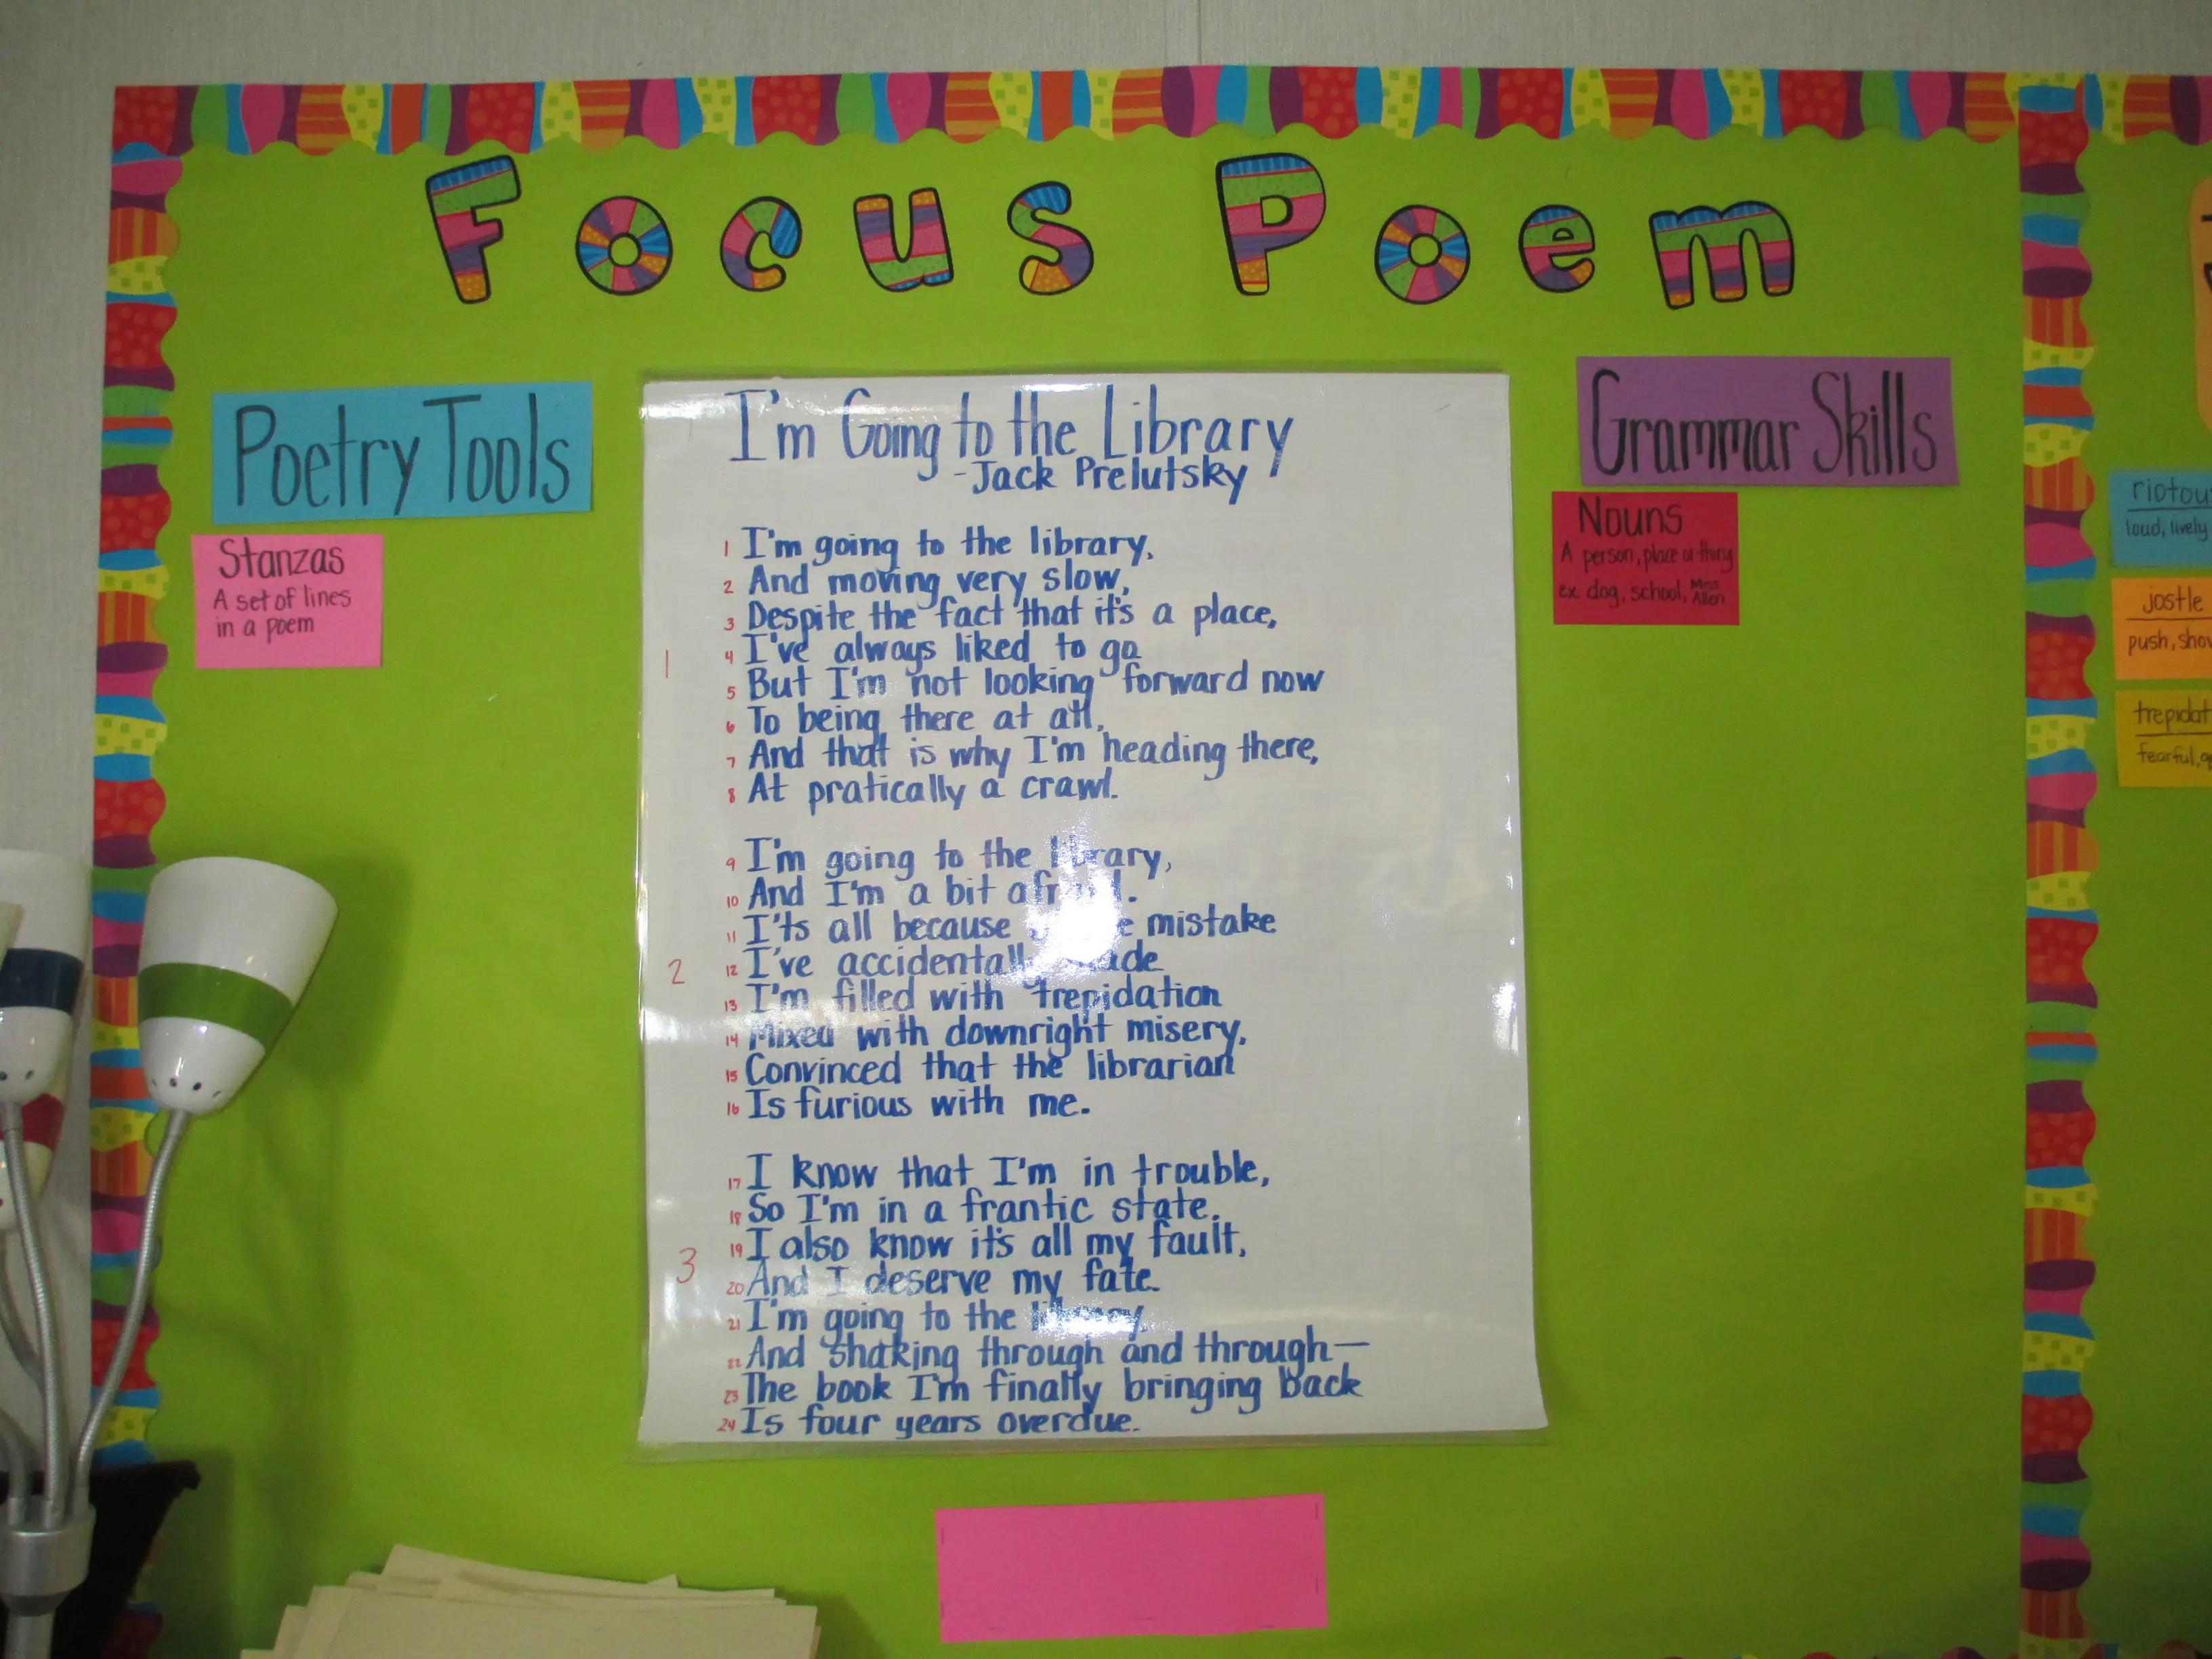 Focus Poems